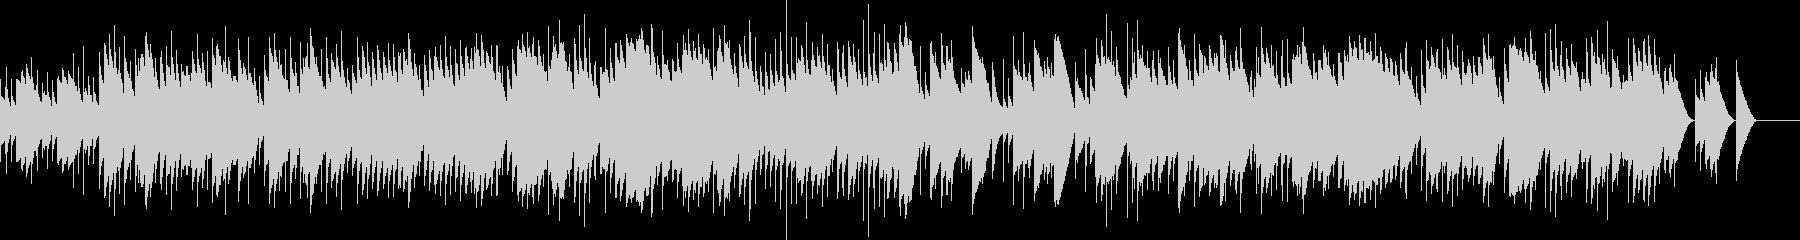 カルメン 間奏曲(オルゴール)の未再生の波形